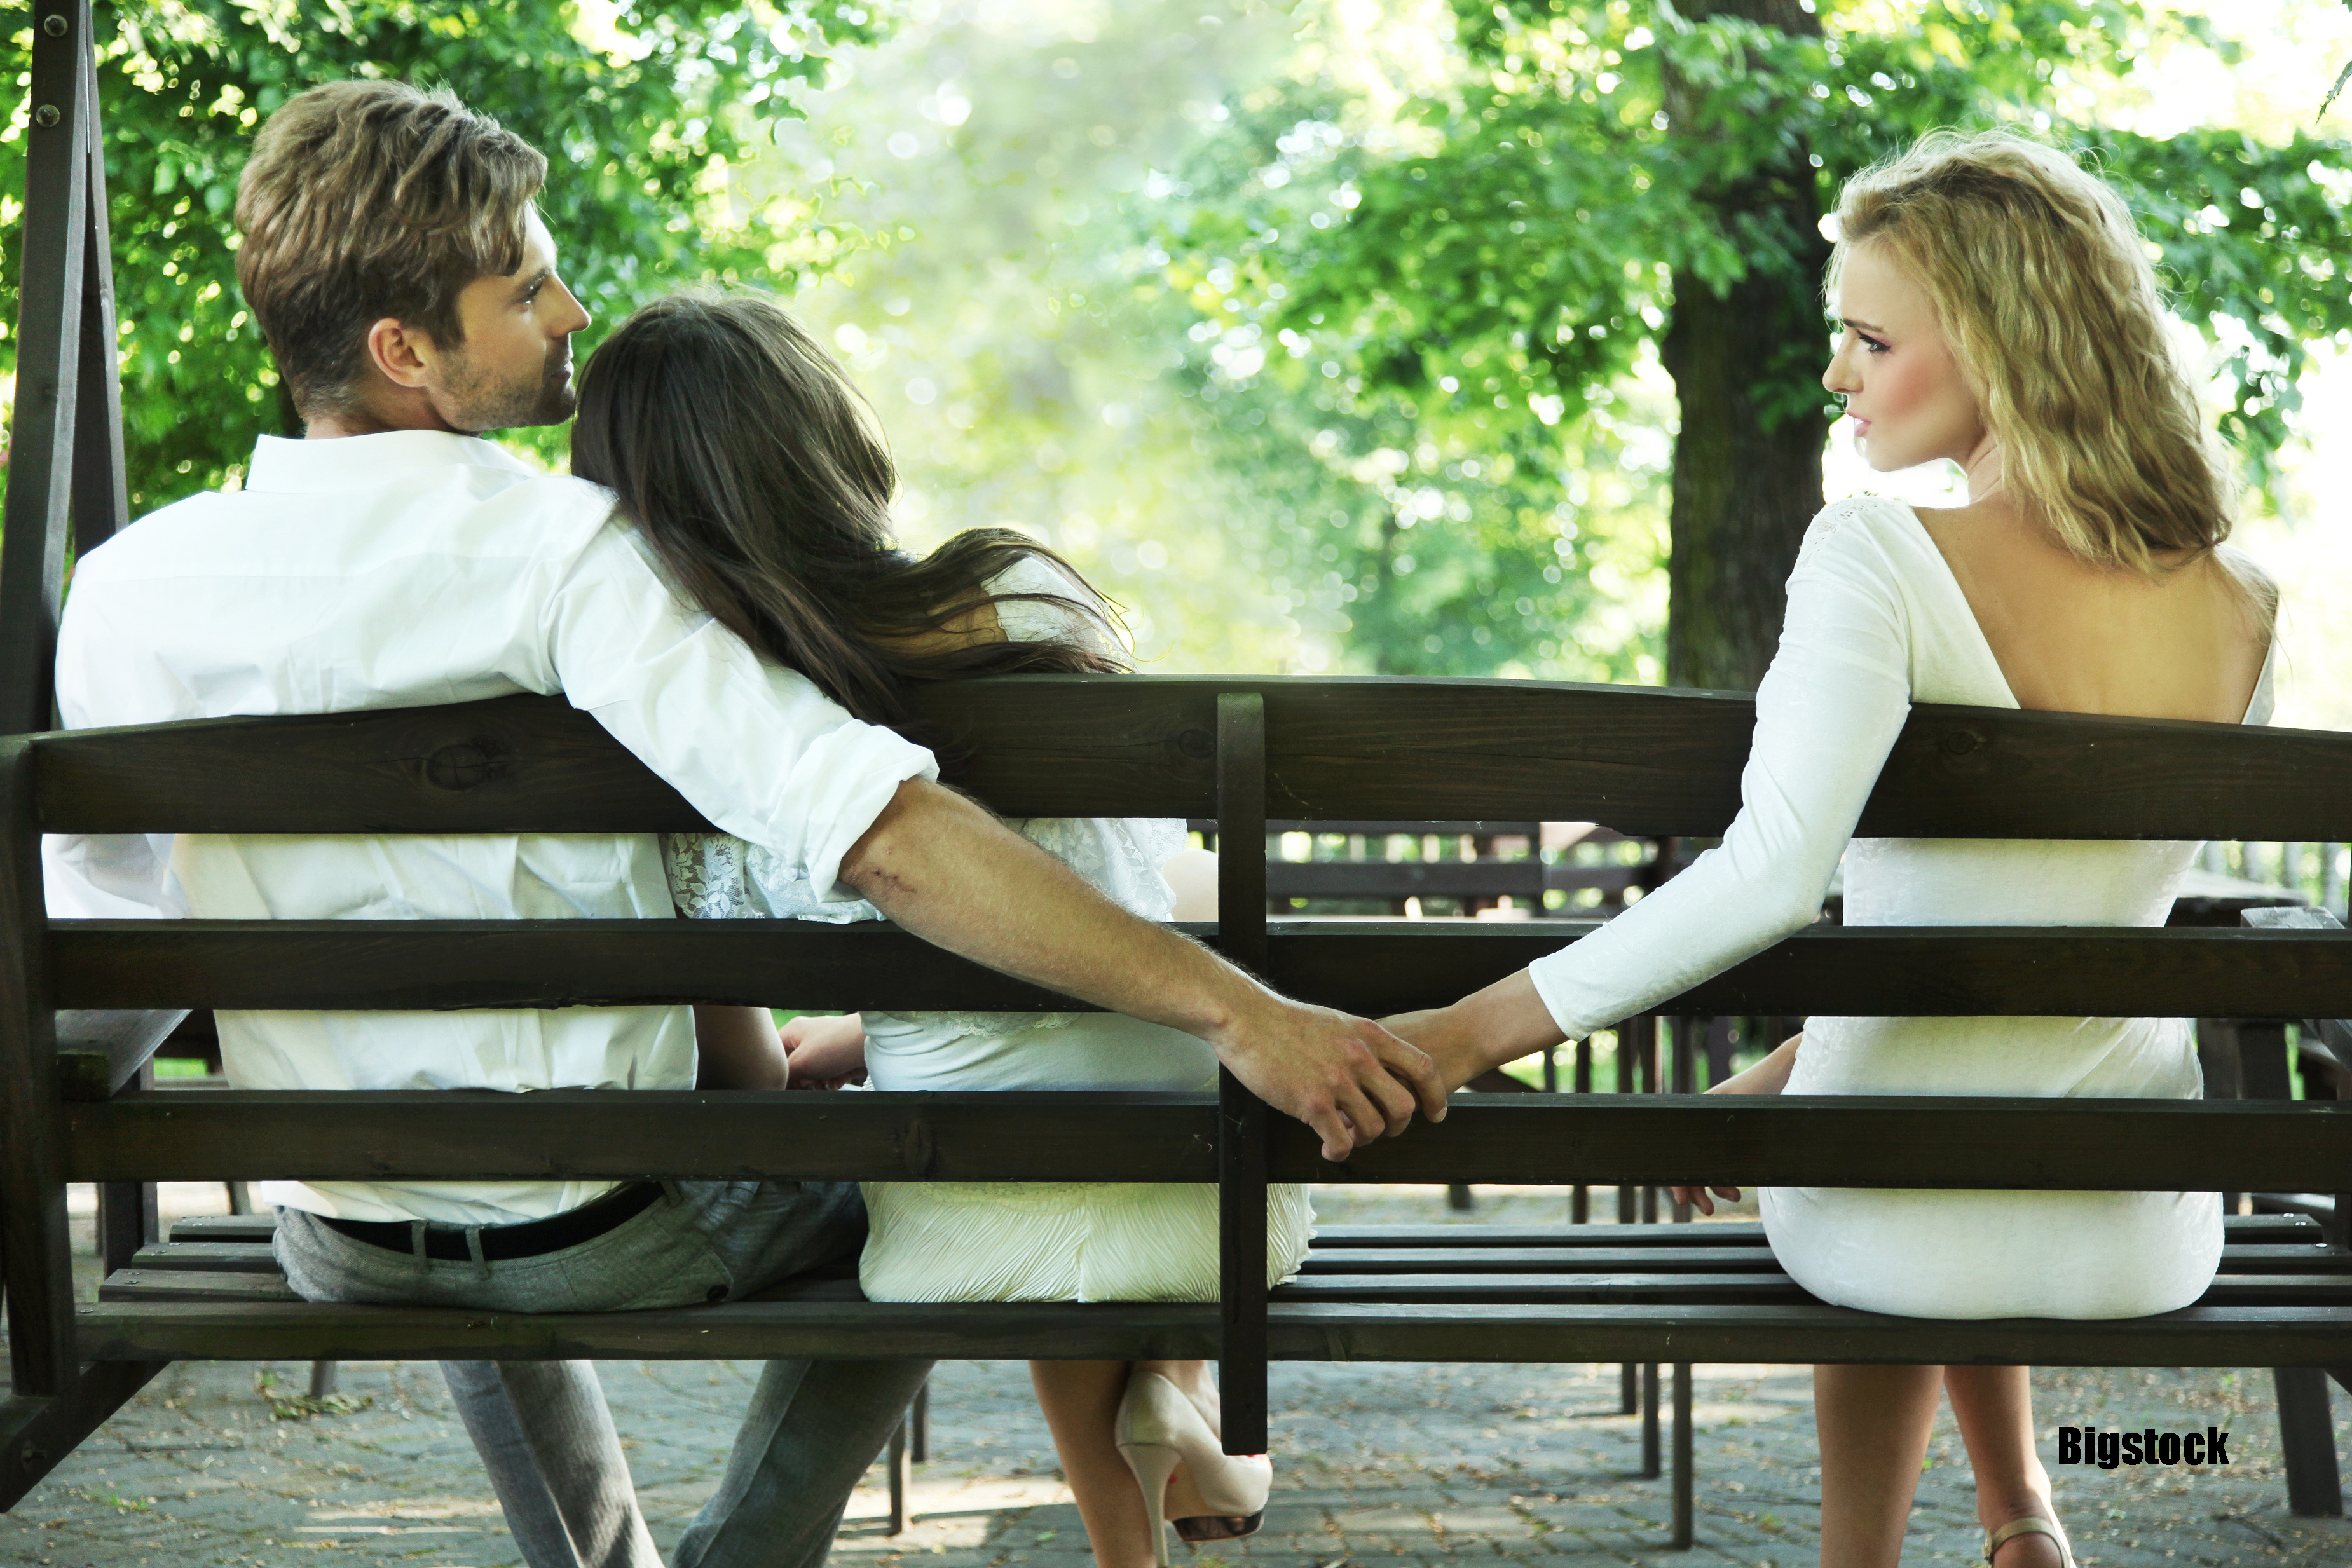 Infedeltà, al parco con compagna e amante